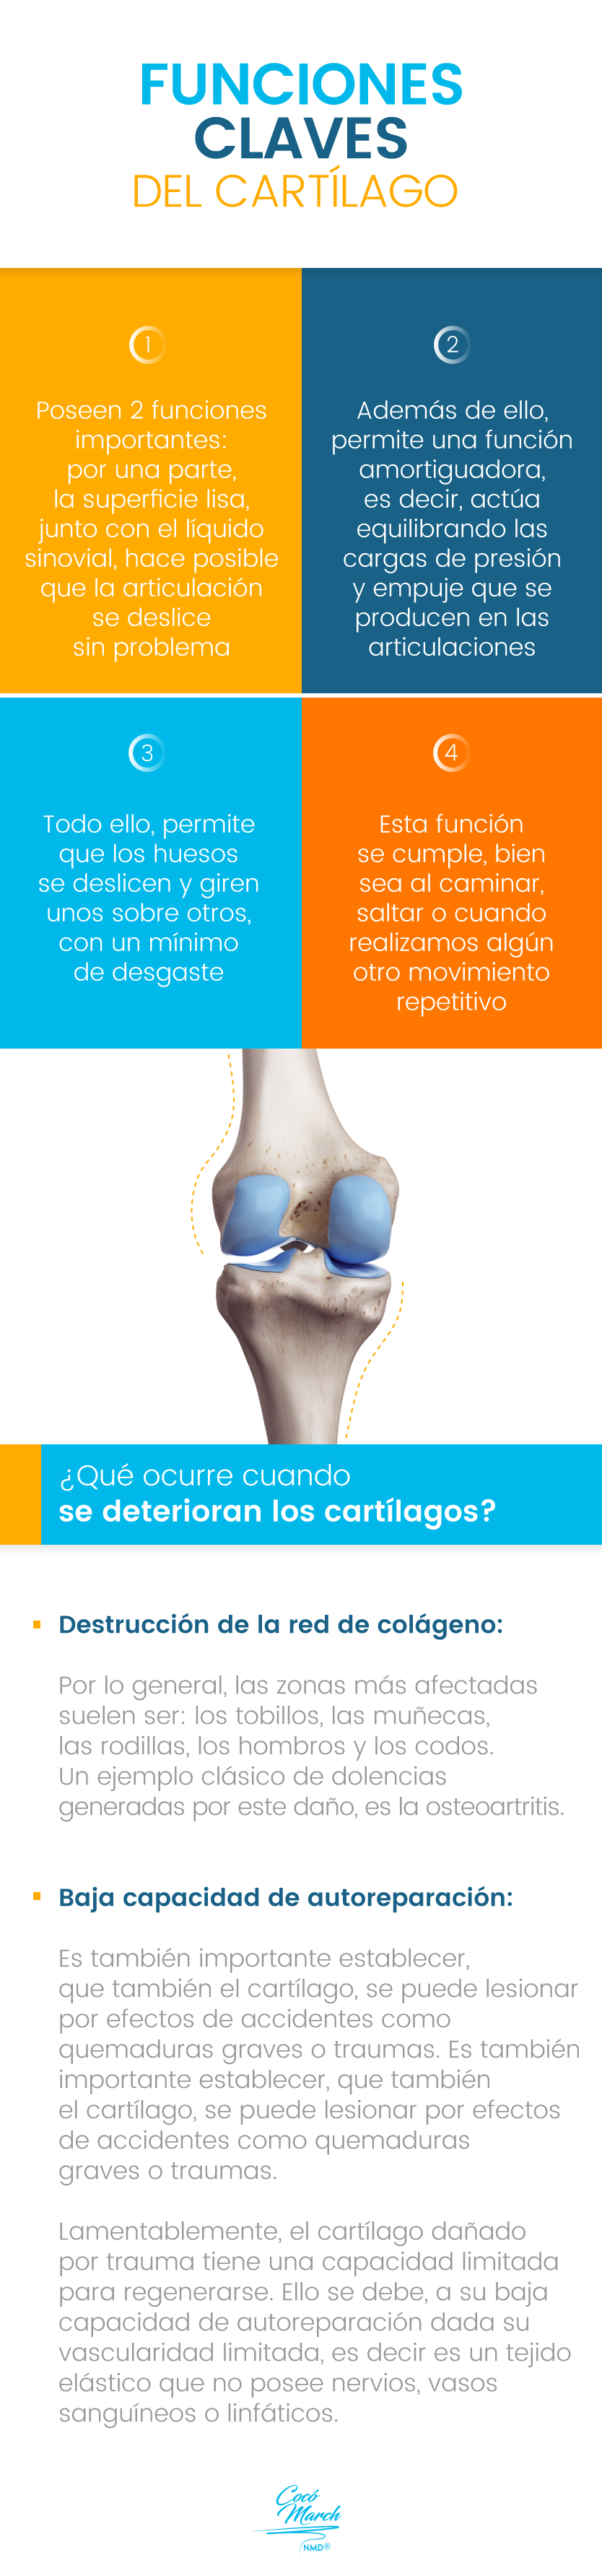 funciones-de-los-cartilagos